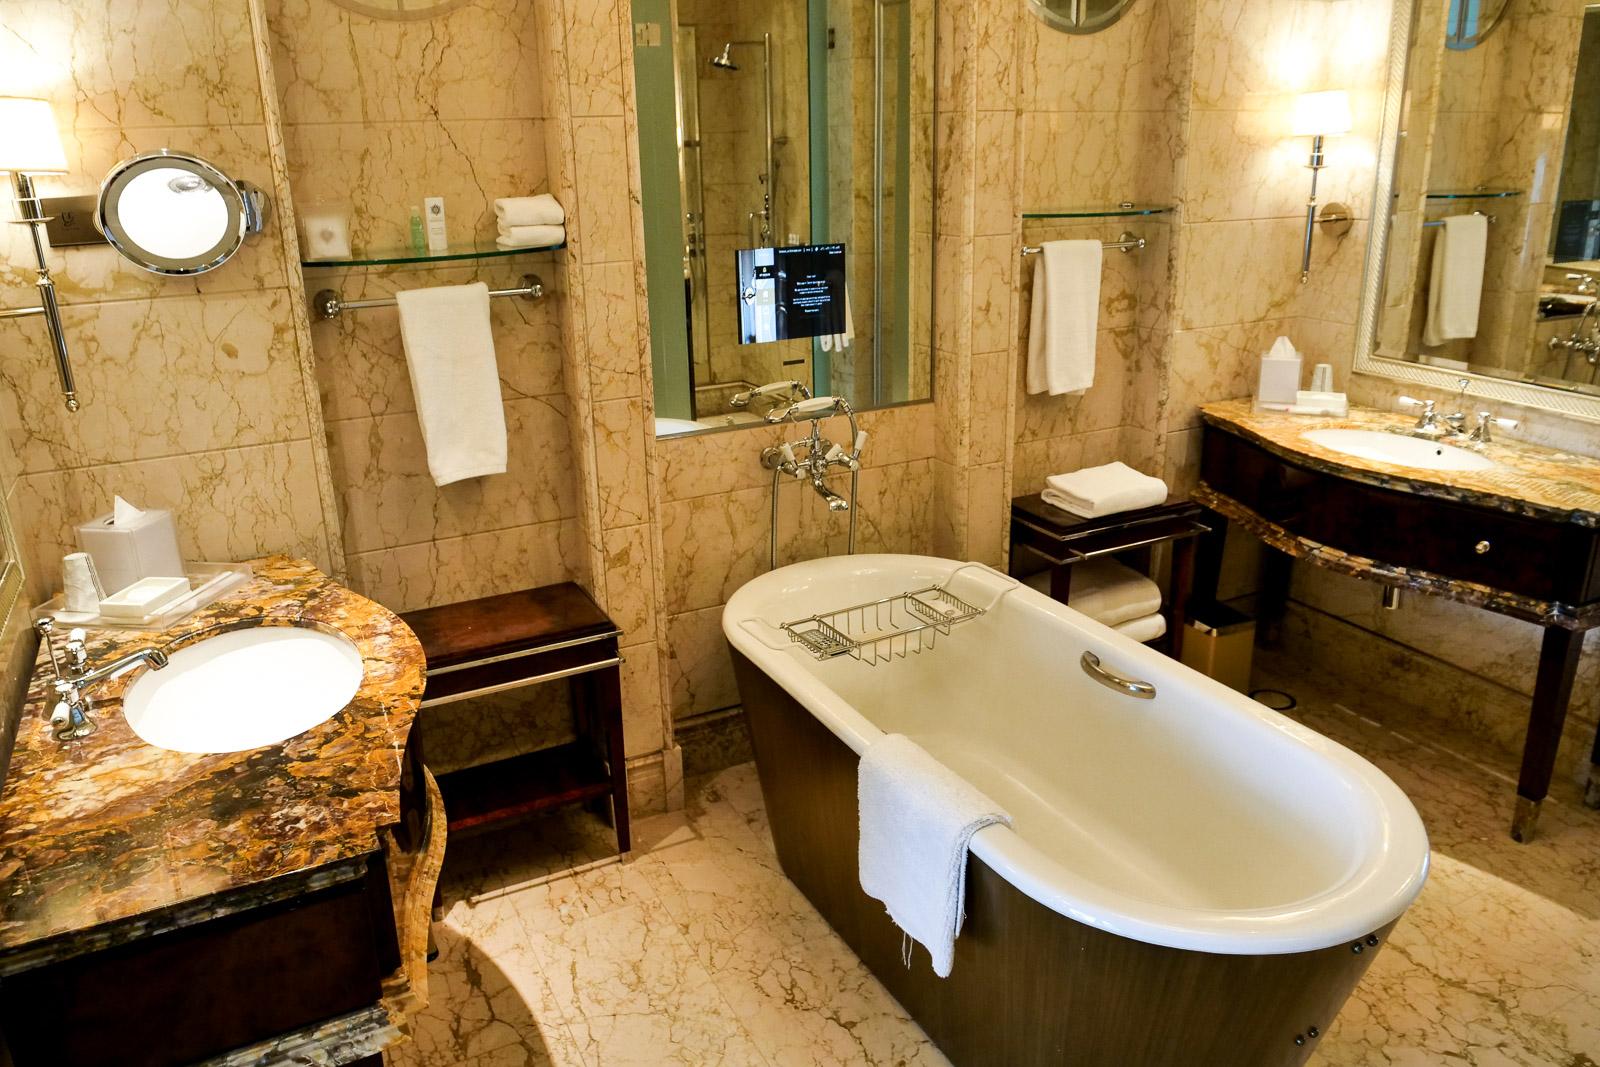 St Regis Singapore Bathroom